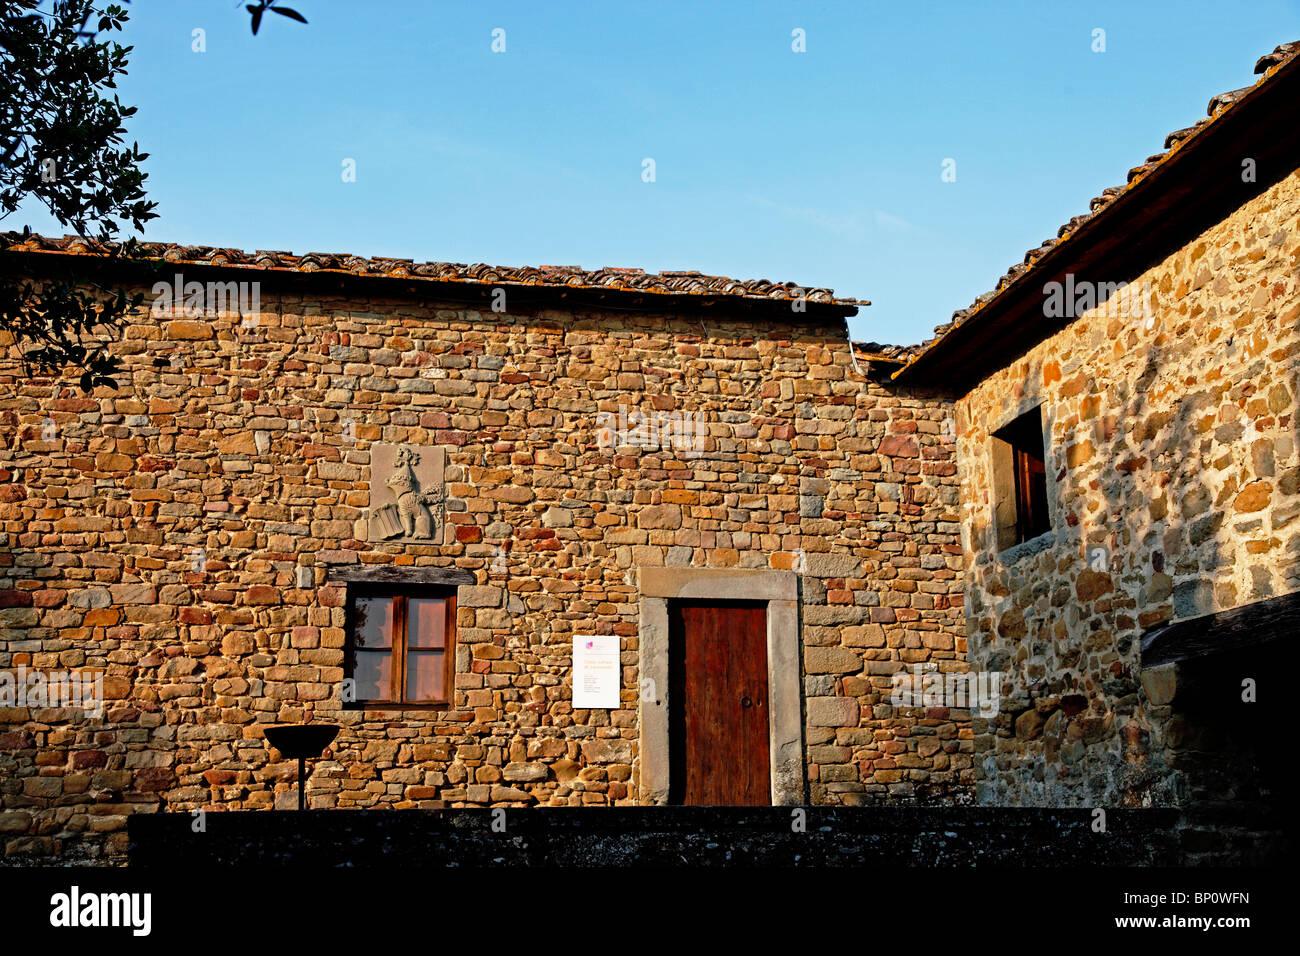 Leonardo Da Vinci Haus leonardo da vinci haus vinci toskana italien stockfoto, bild